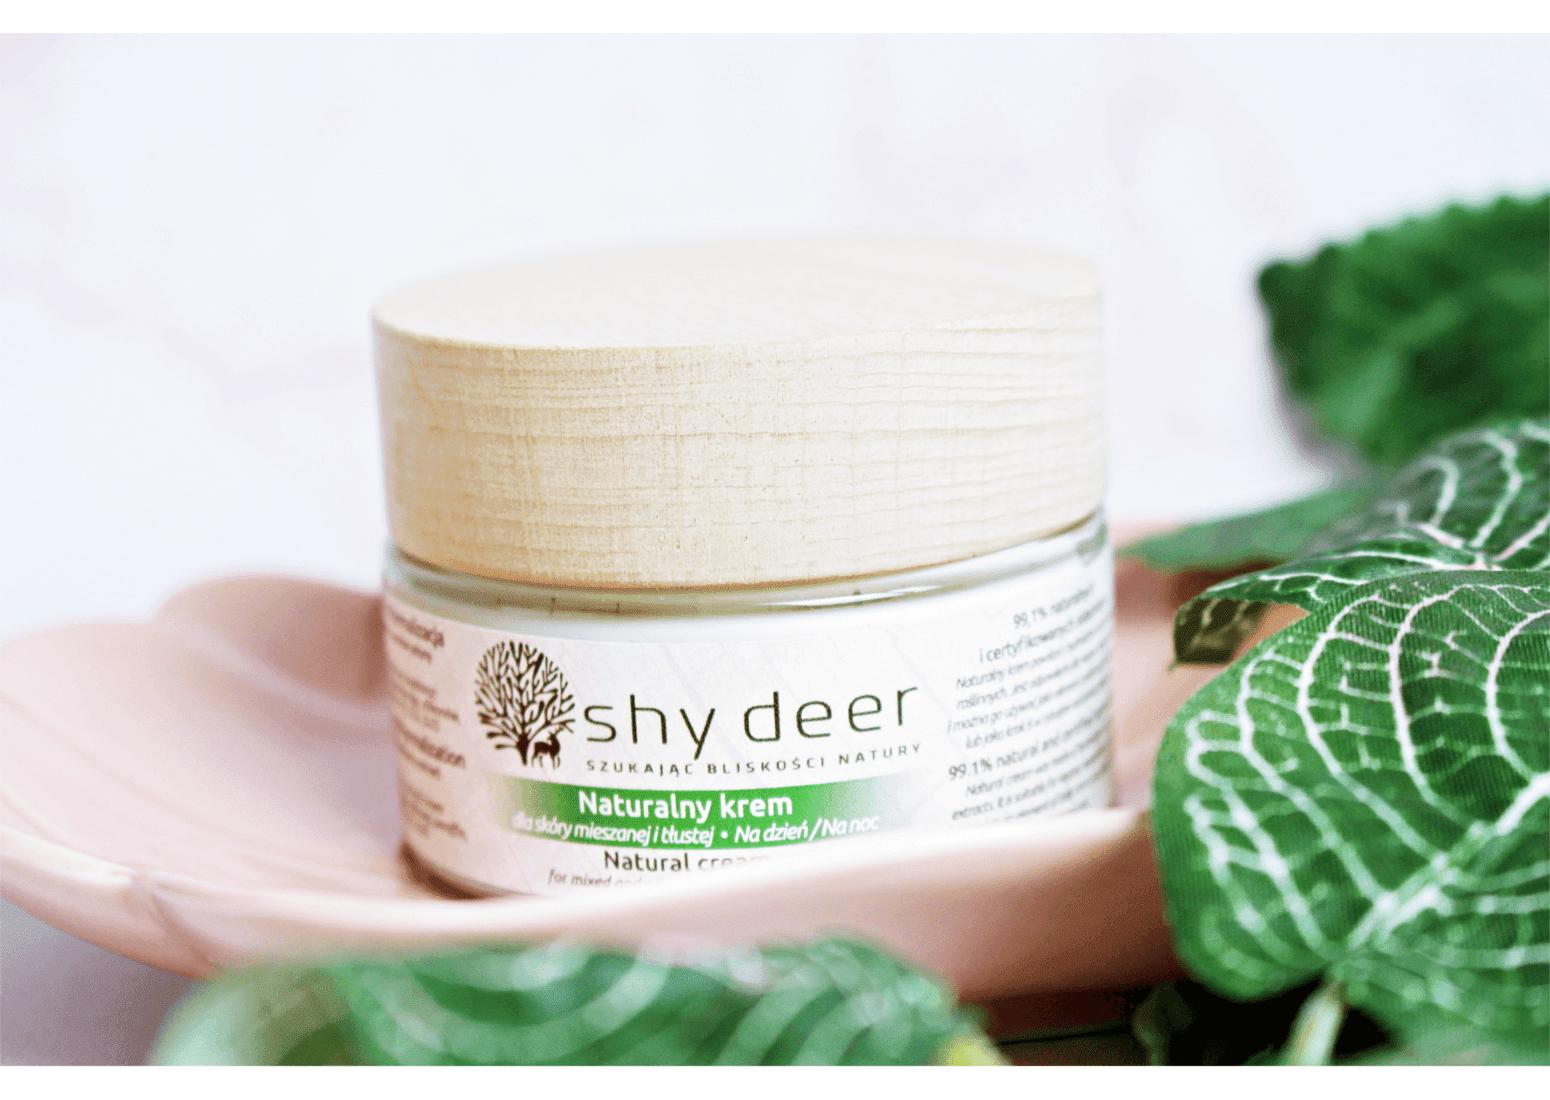 Shy Deer Naturalny krem dla skóry mieszanej i tłustej